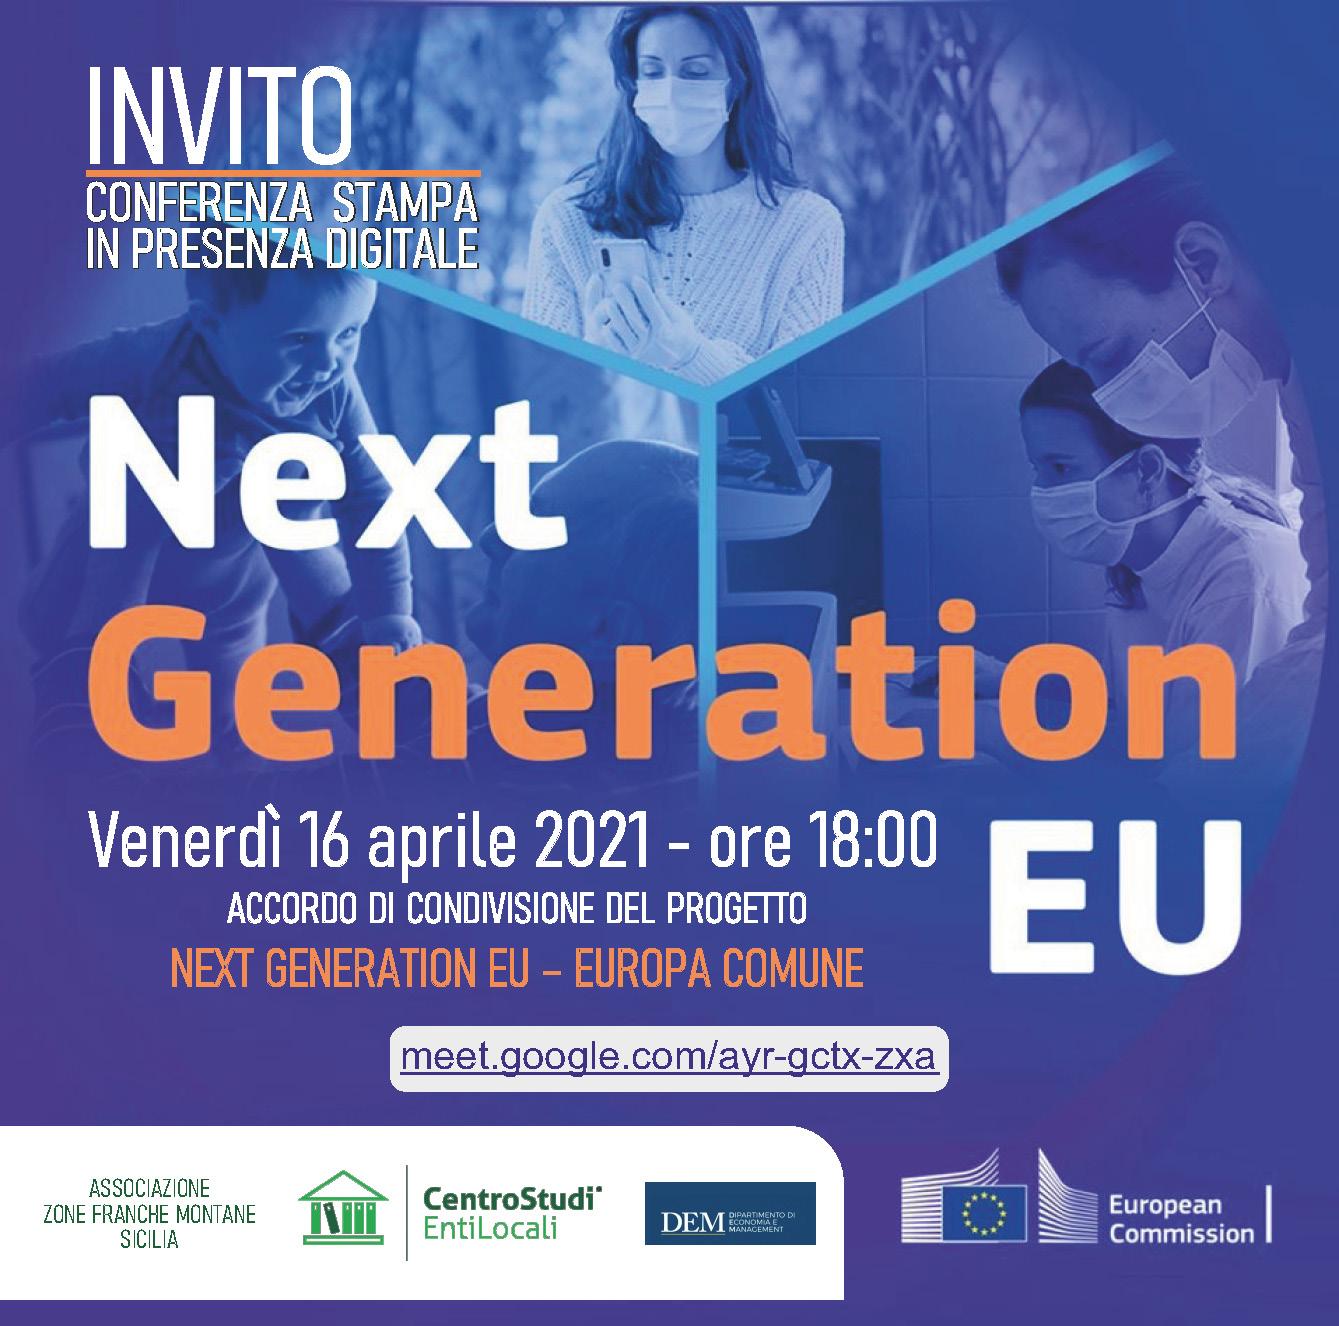 Sviluppo del territorio: Associazione Zone Franche Montane aderisce a Next Generation EU. Venerdì 16 aprile la presentazione del progetto